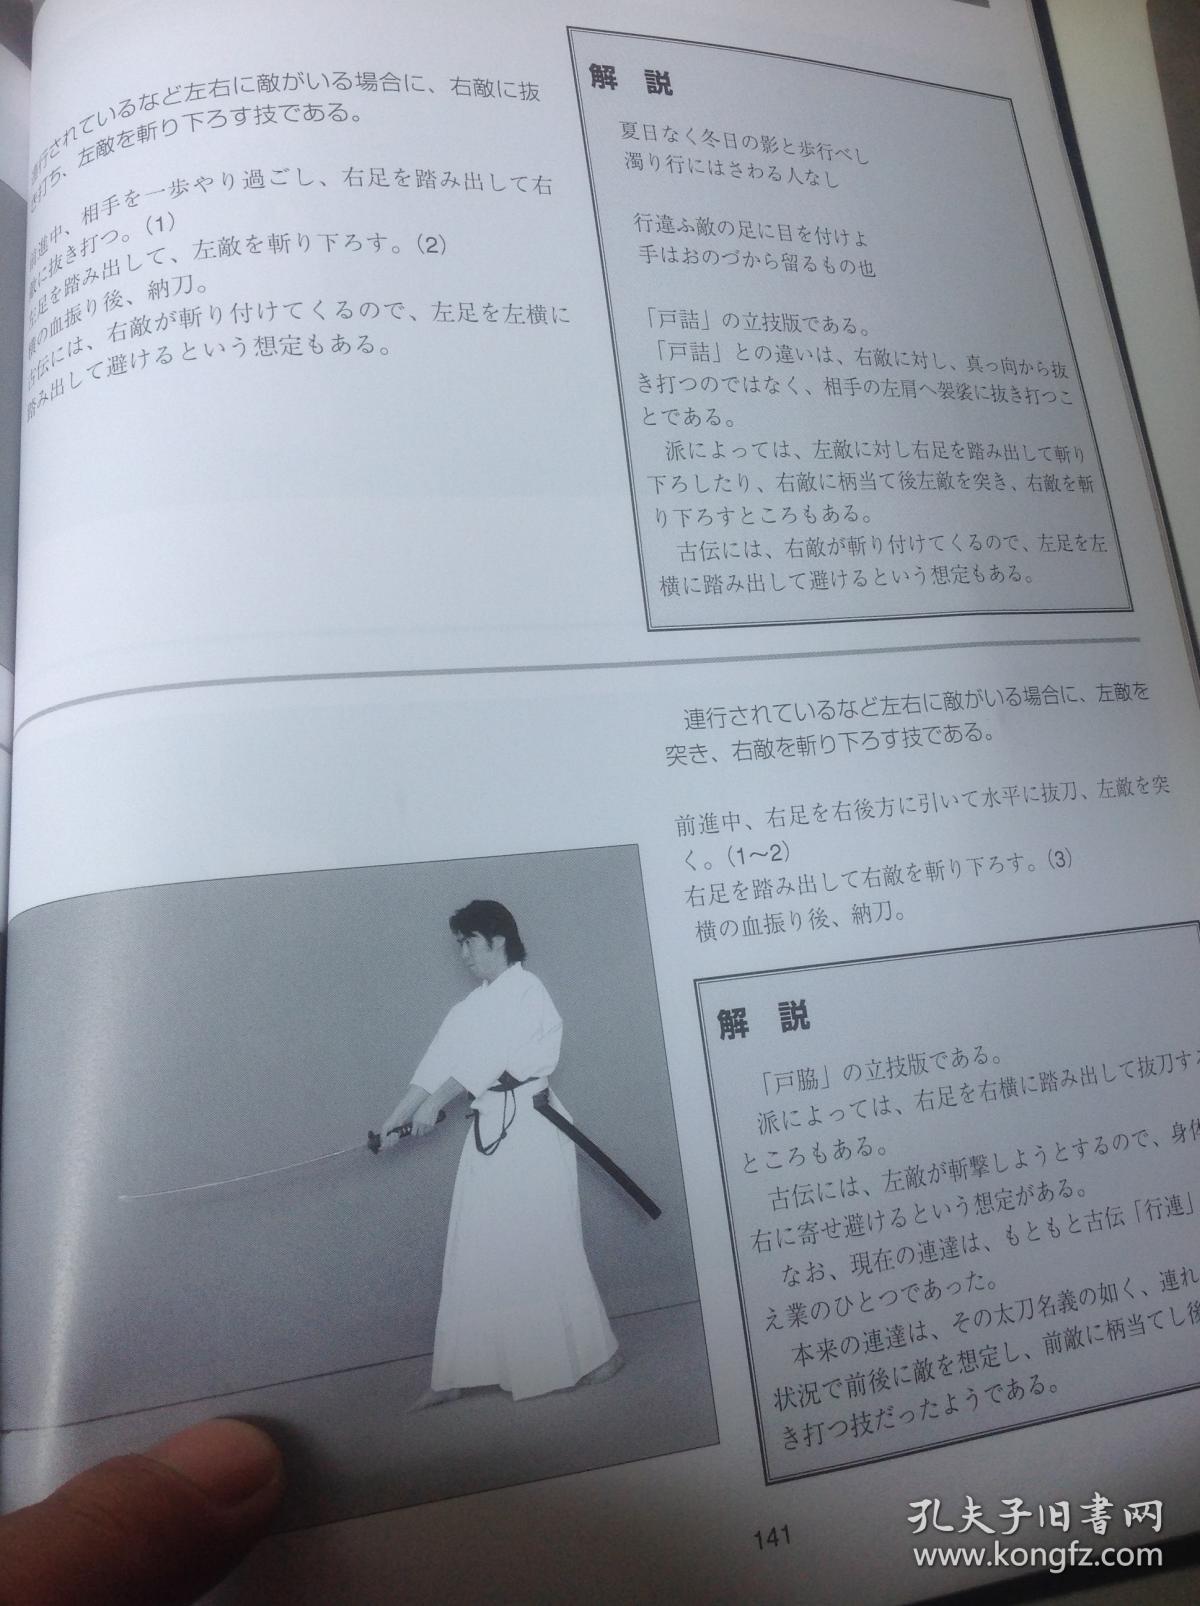 居合道 梦想神传流 刀术图解,日文原版